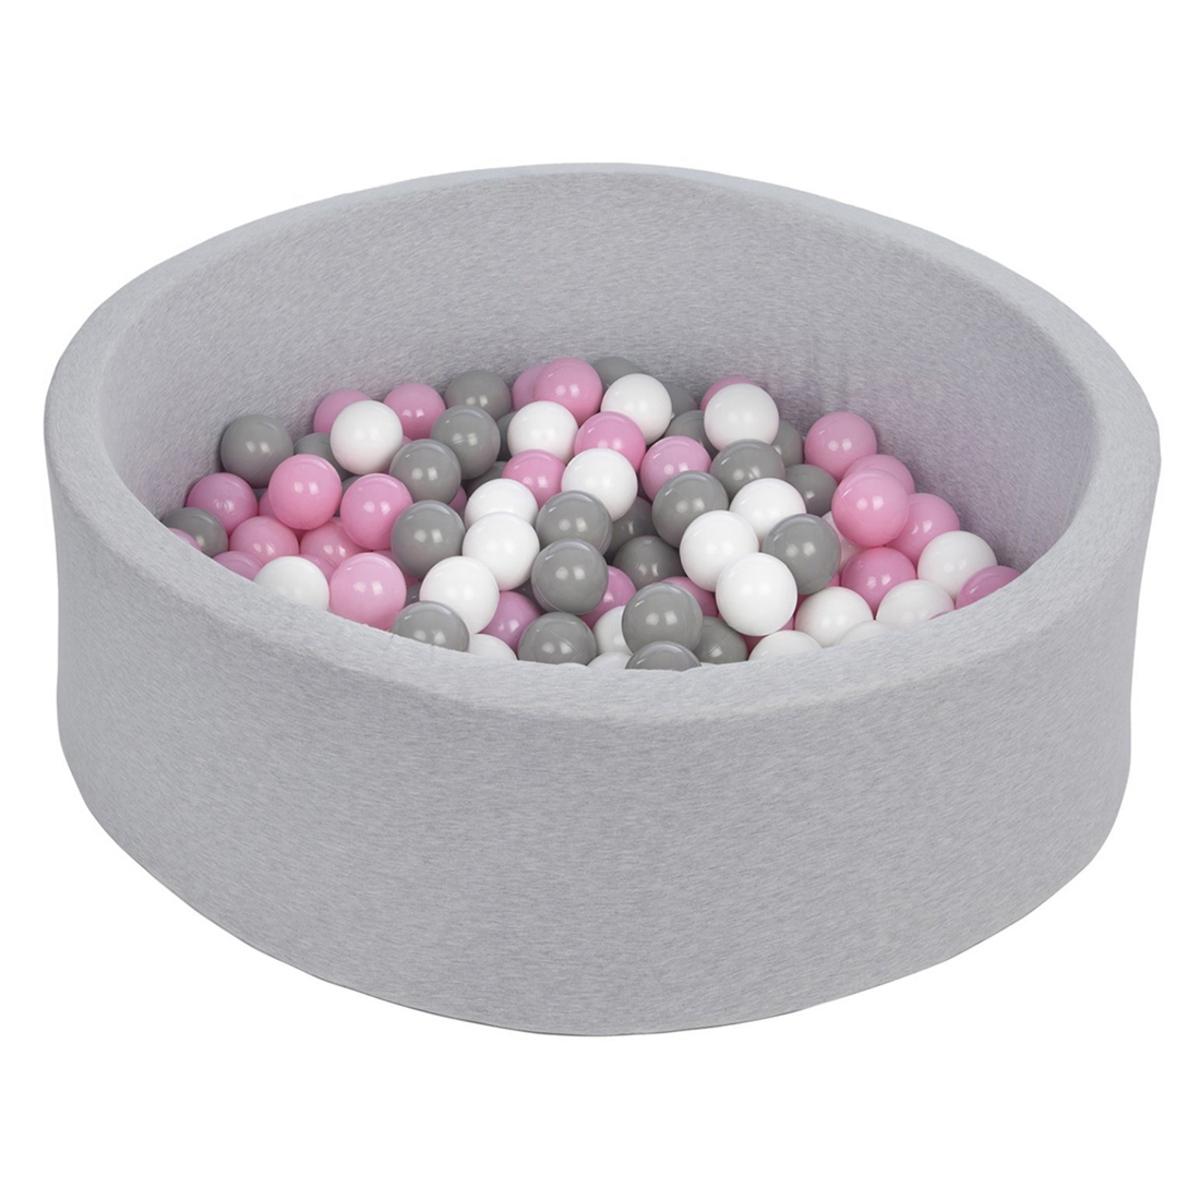 Mes premiers jouets Piscine à Balles Ronde Grise 115 x 50 cm + 600 Balles Piscine à Balles Ronde Grise 115 x 50 cm + 600 Balles